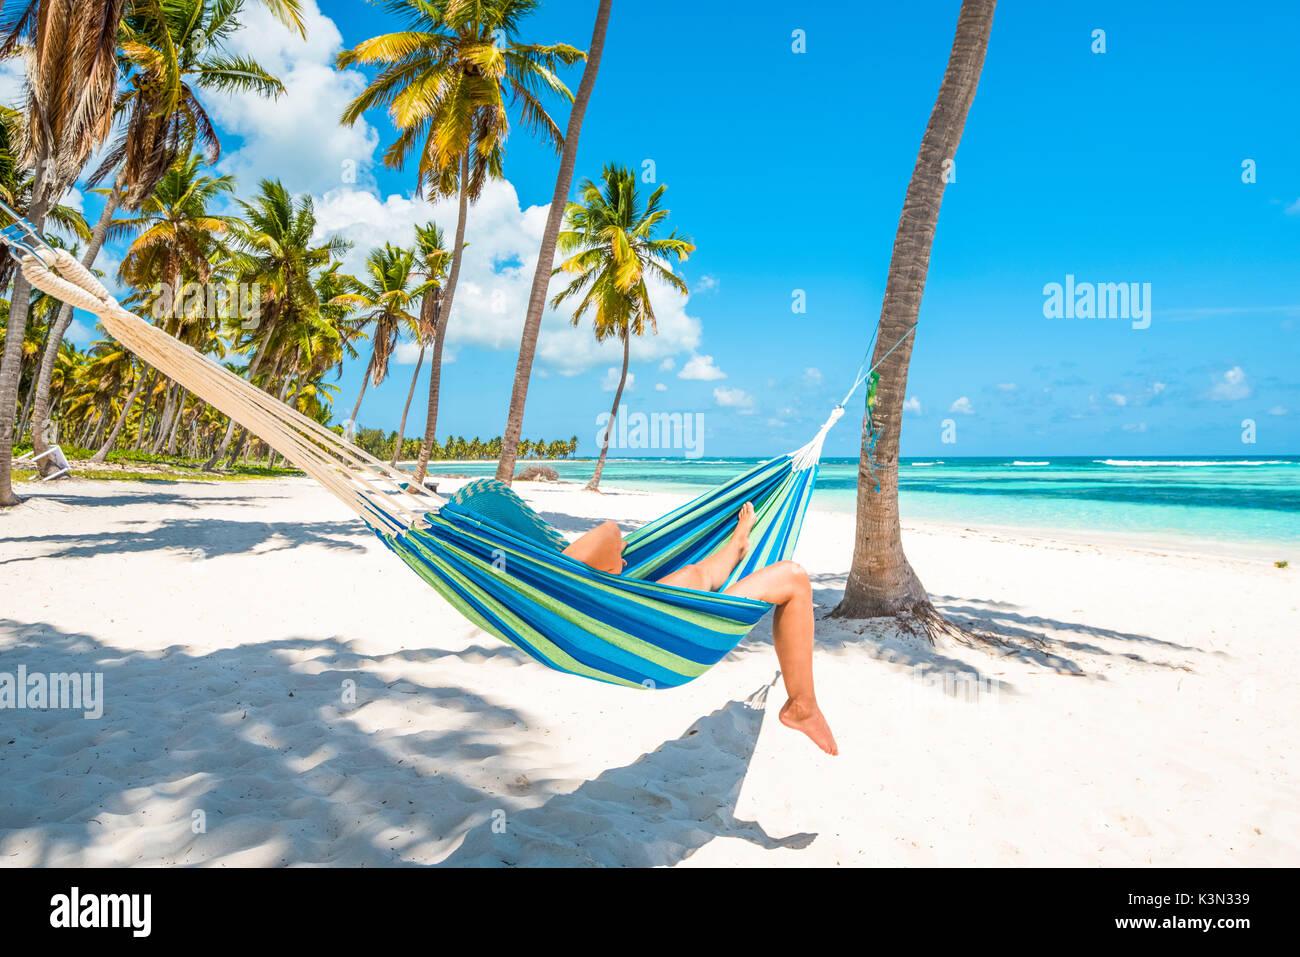 Canto de la playa, Isla Saona, East National Park (Parque Nacional del Este), en la República Dominicana, Mar Caribe. Mujer relajándose en una hamaca en la playa (MR). Imagen De Stock